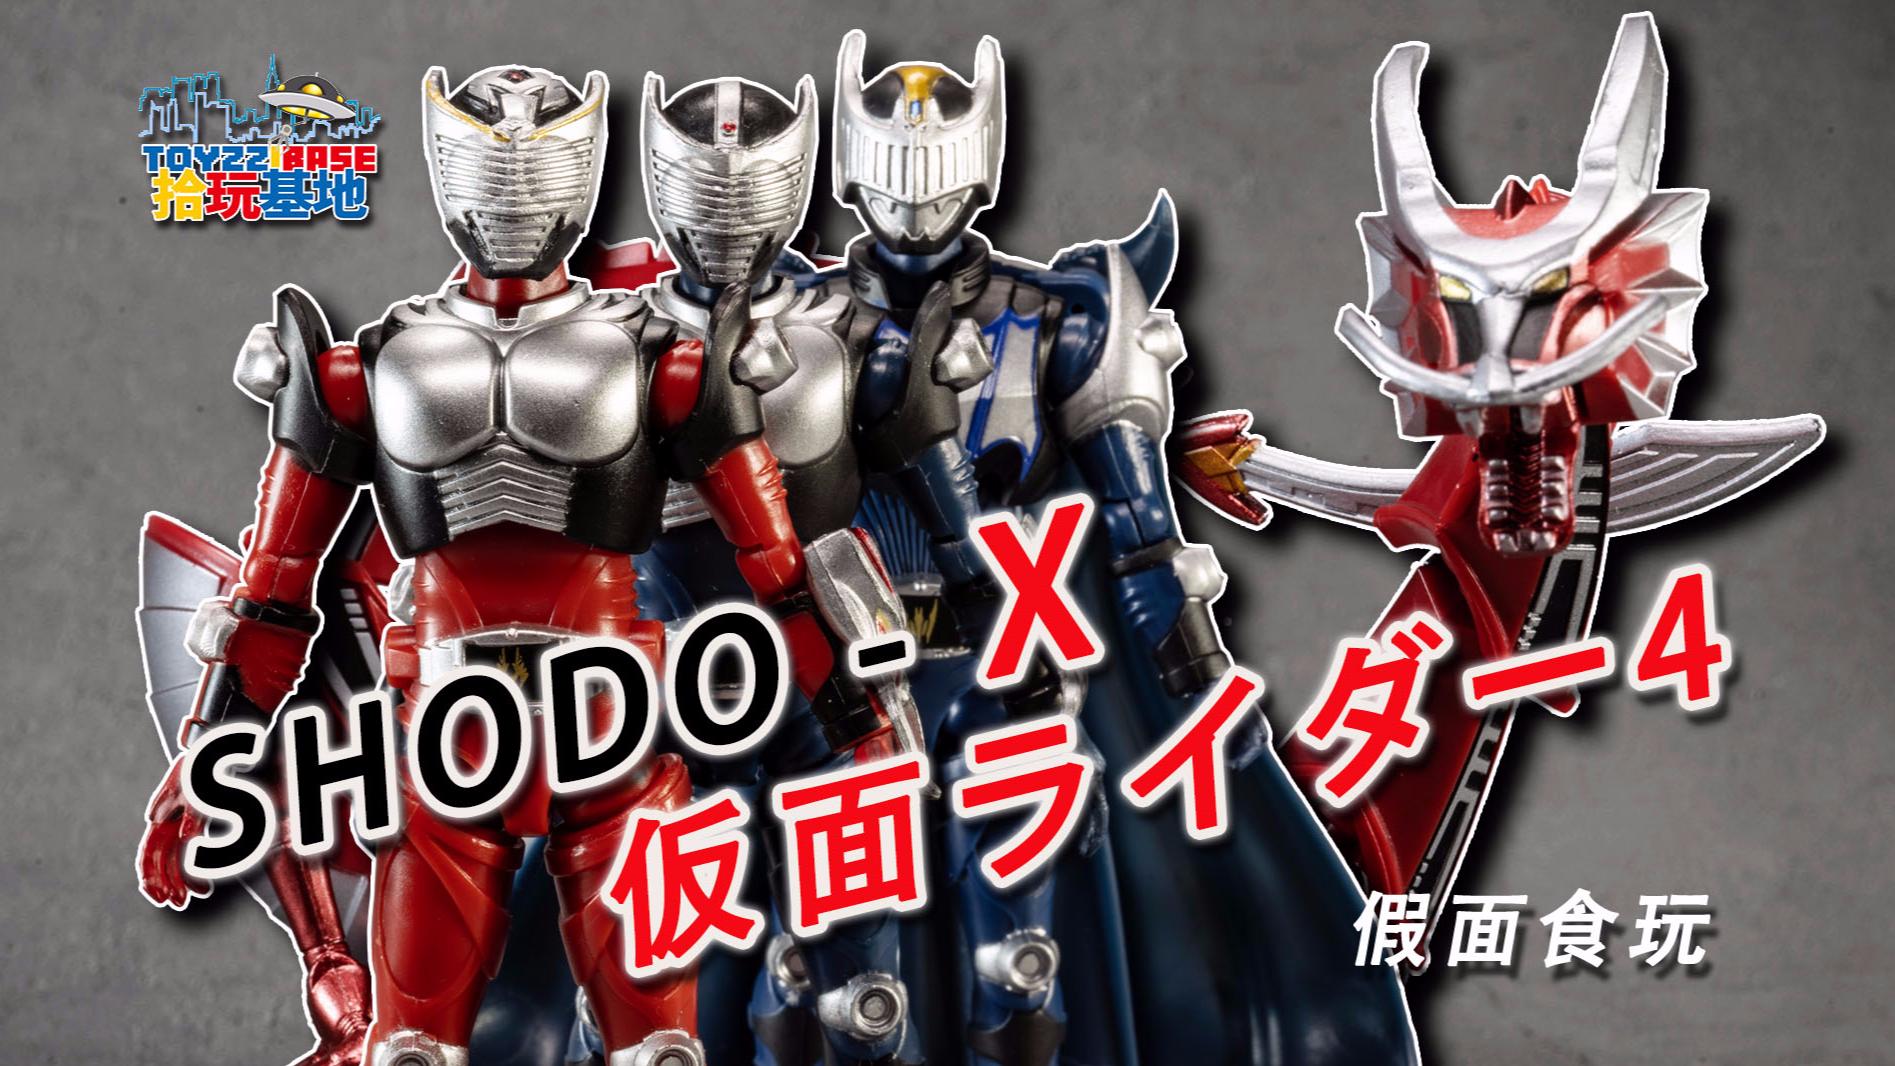 【开心开蛋004】完美还原龙骑开场人物结构 假面骑士盒玩SHODO-X4